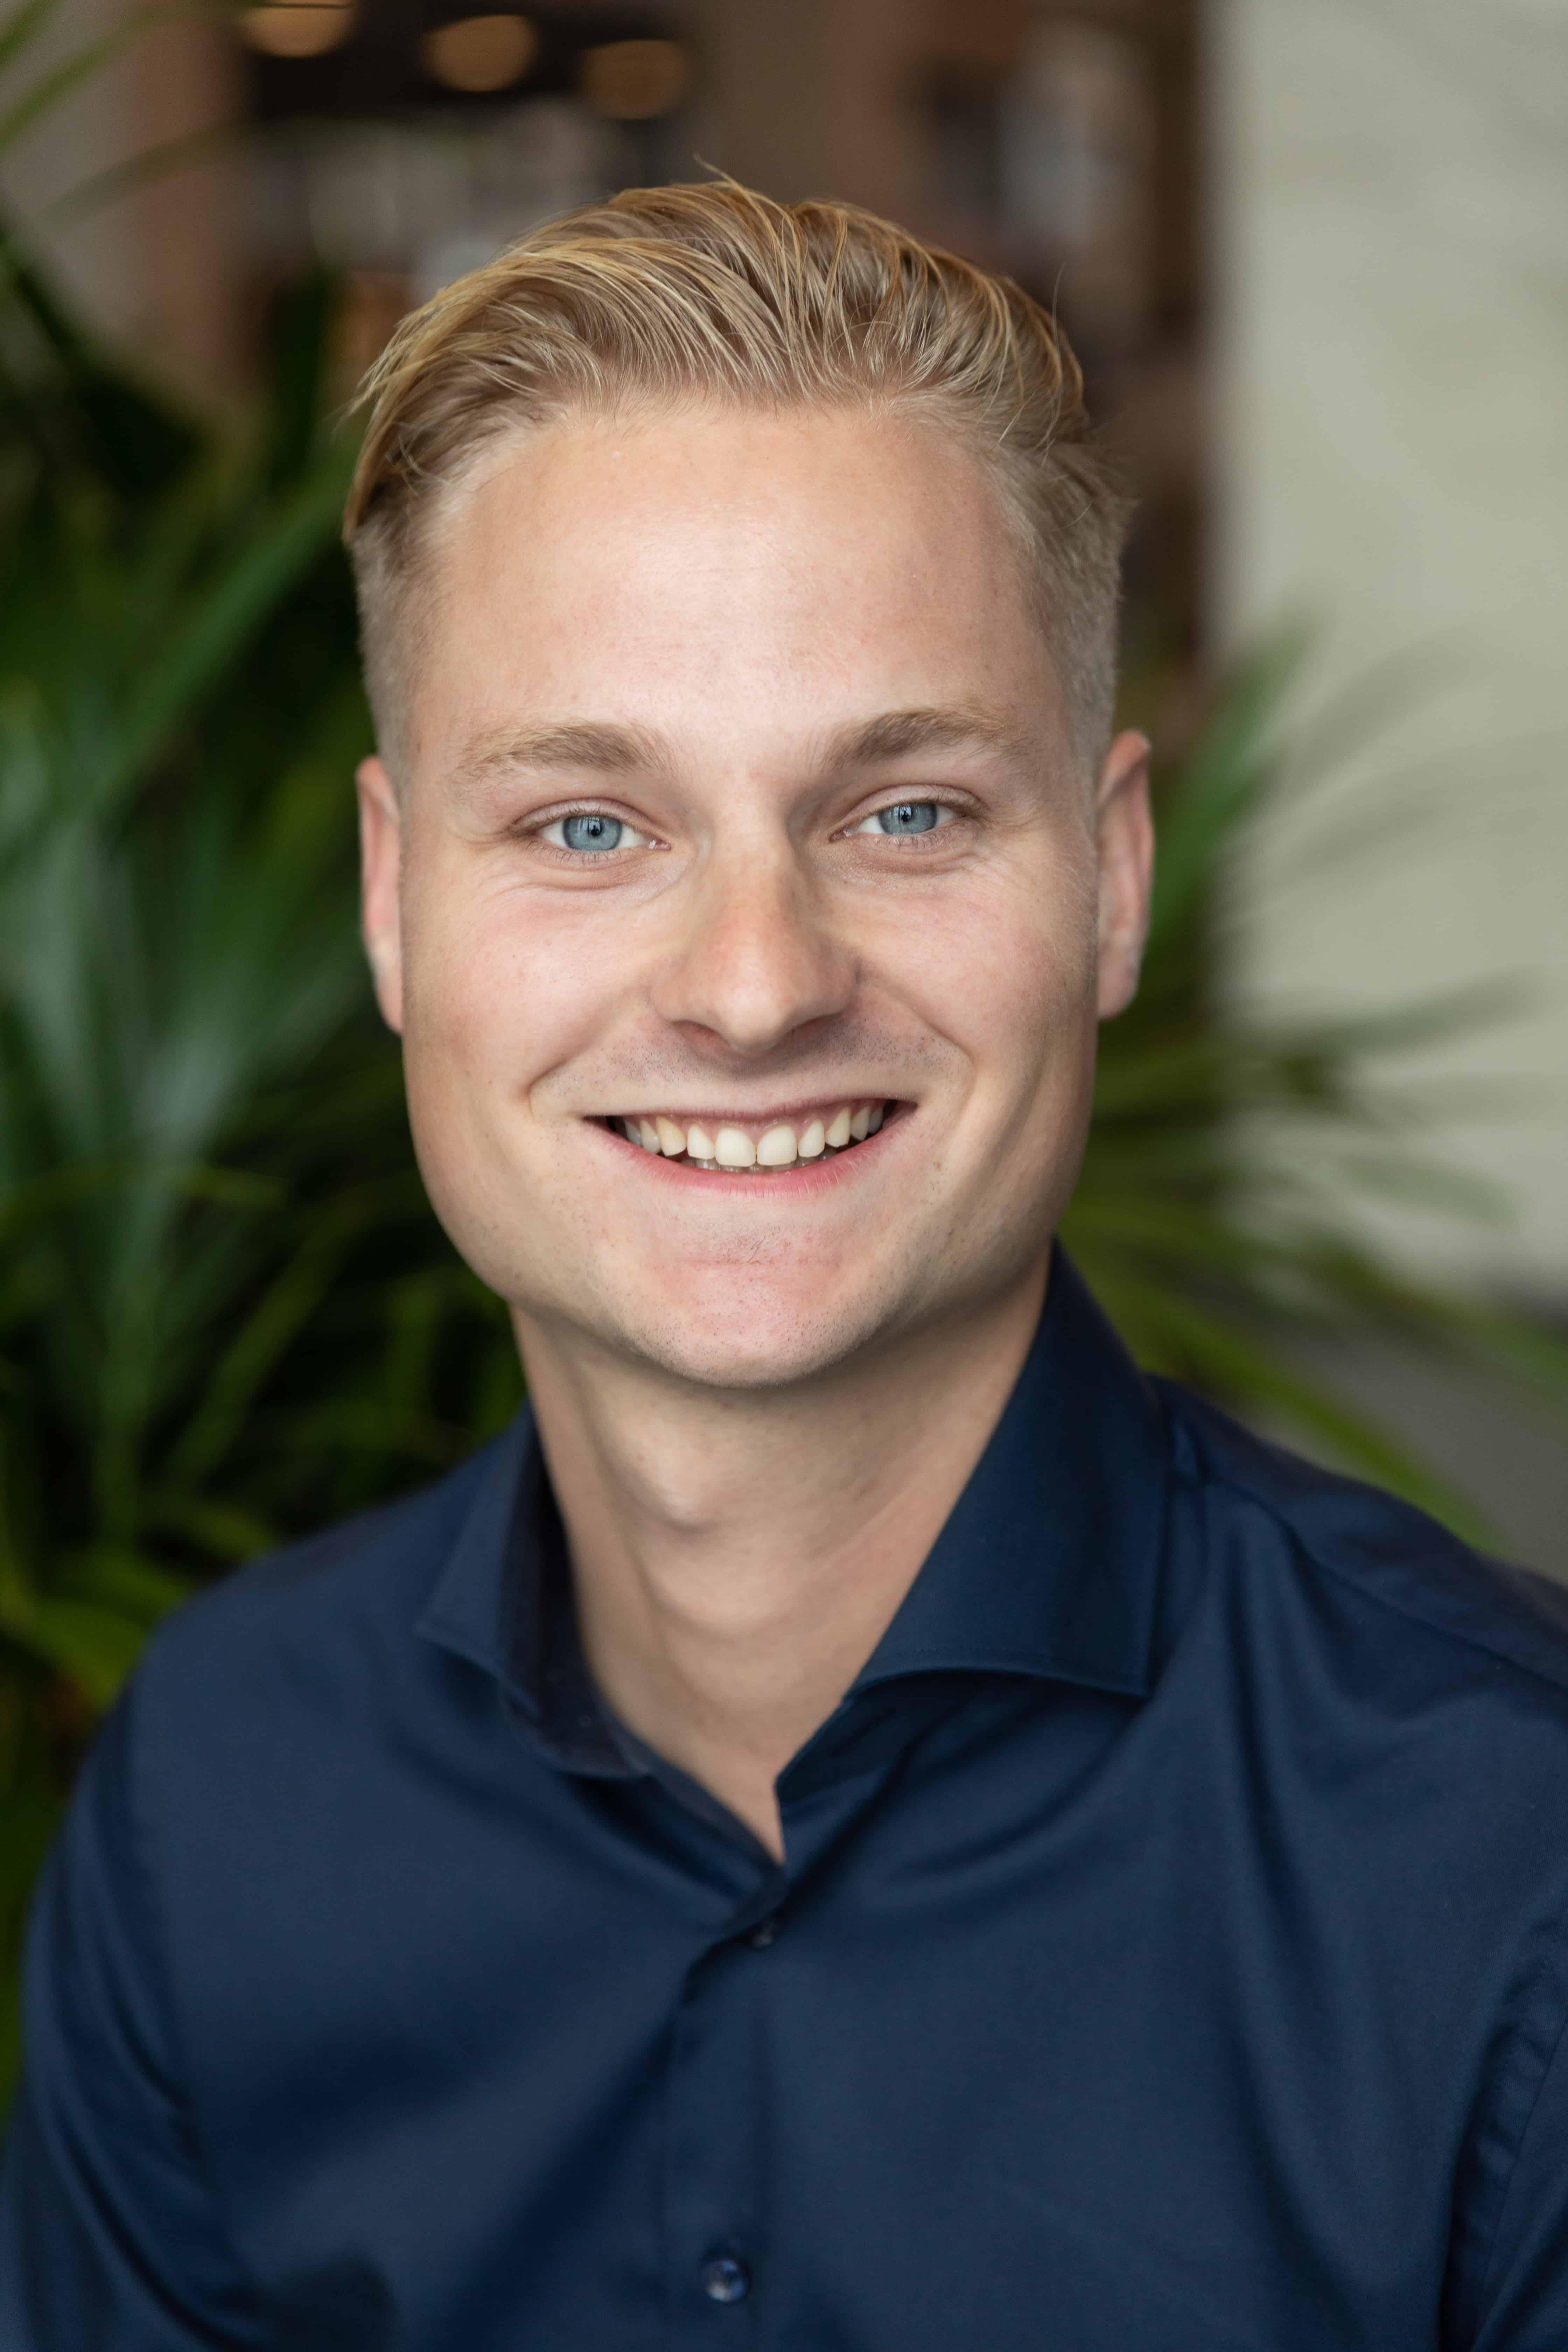 Erik Koeze